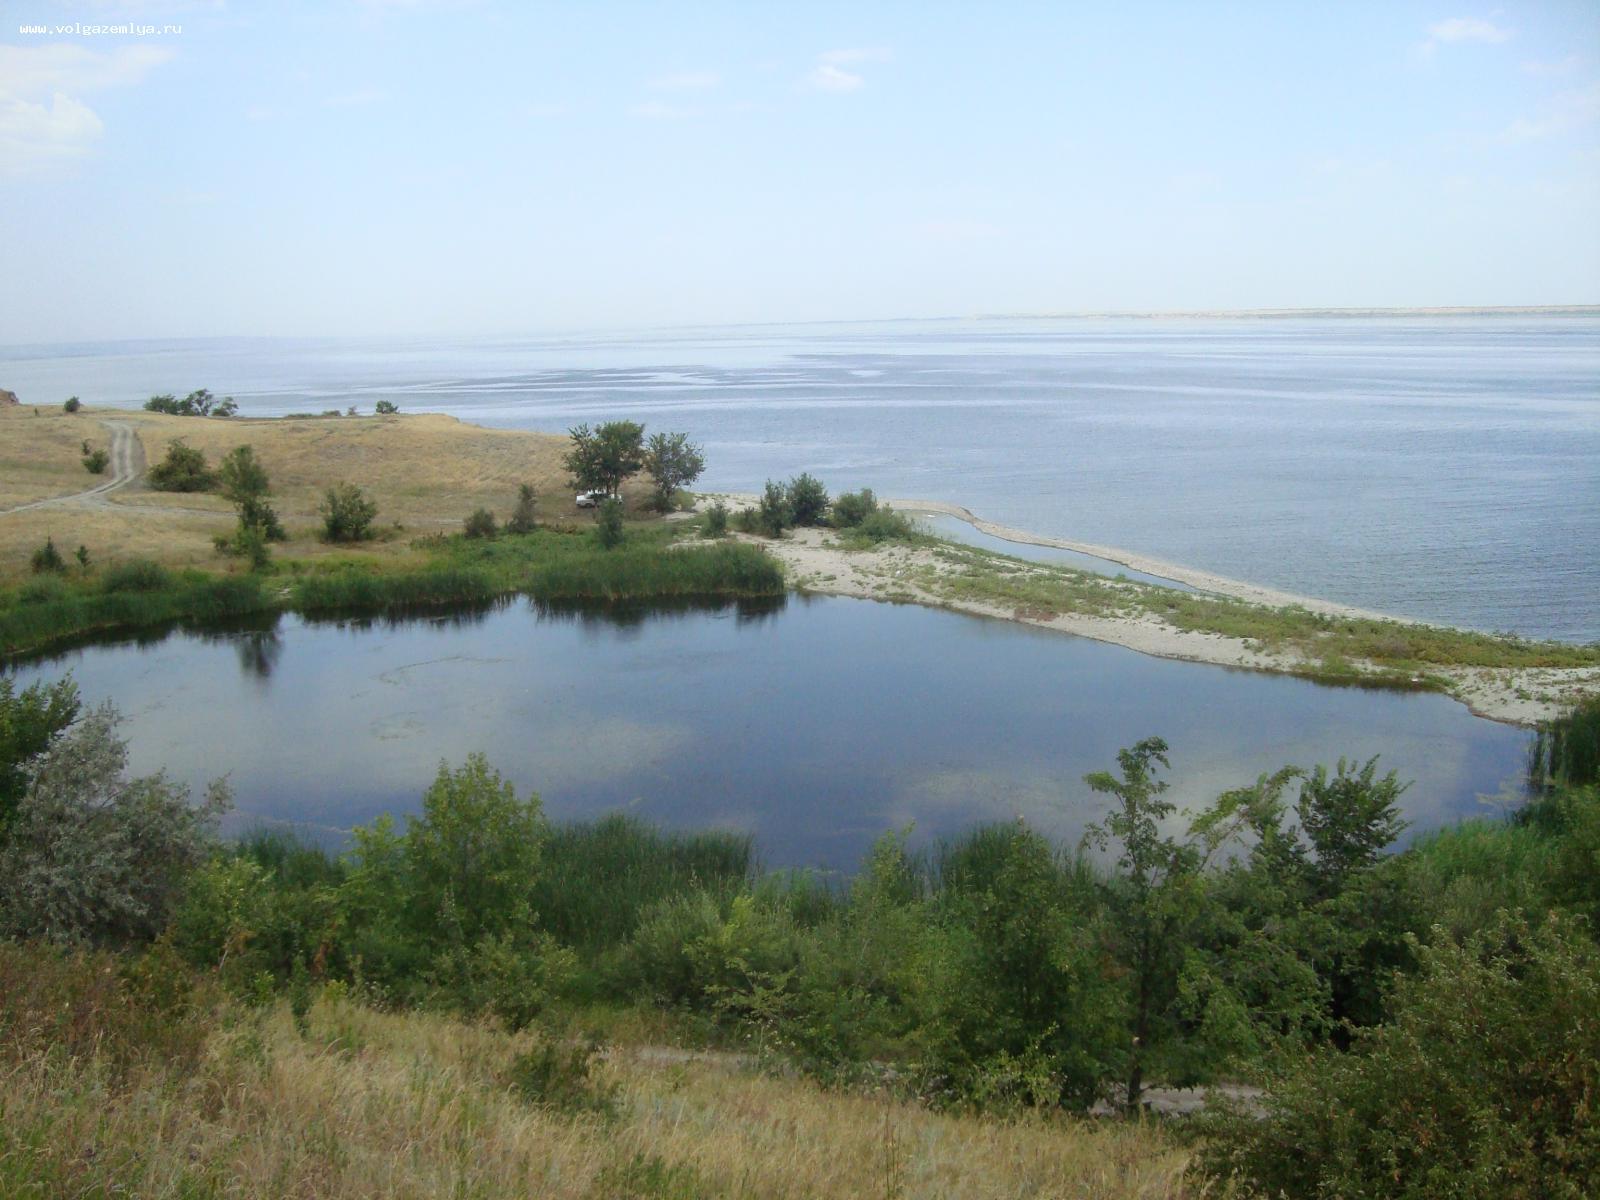 продаже можно красивое место для дачи в саратовской области новостей Друзья Фотографии